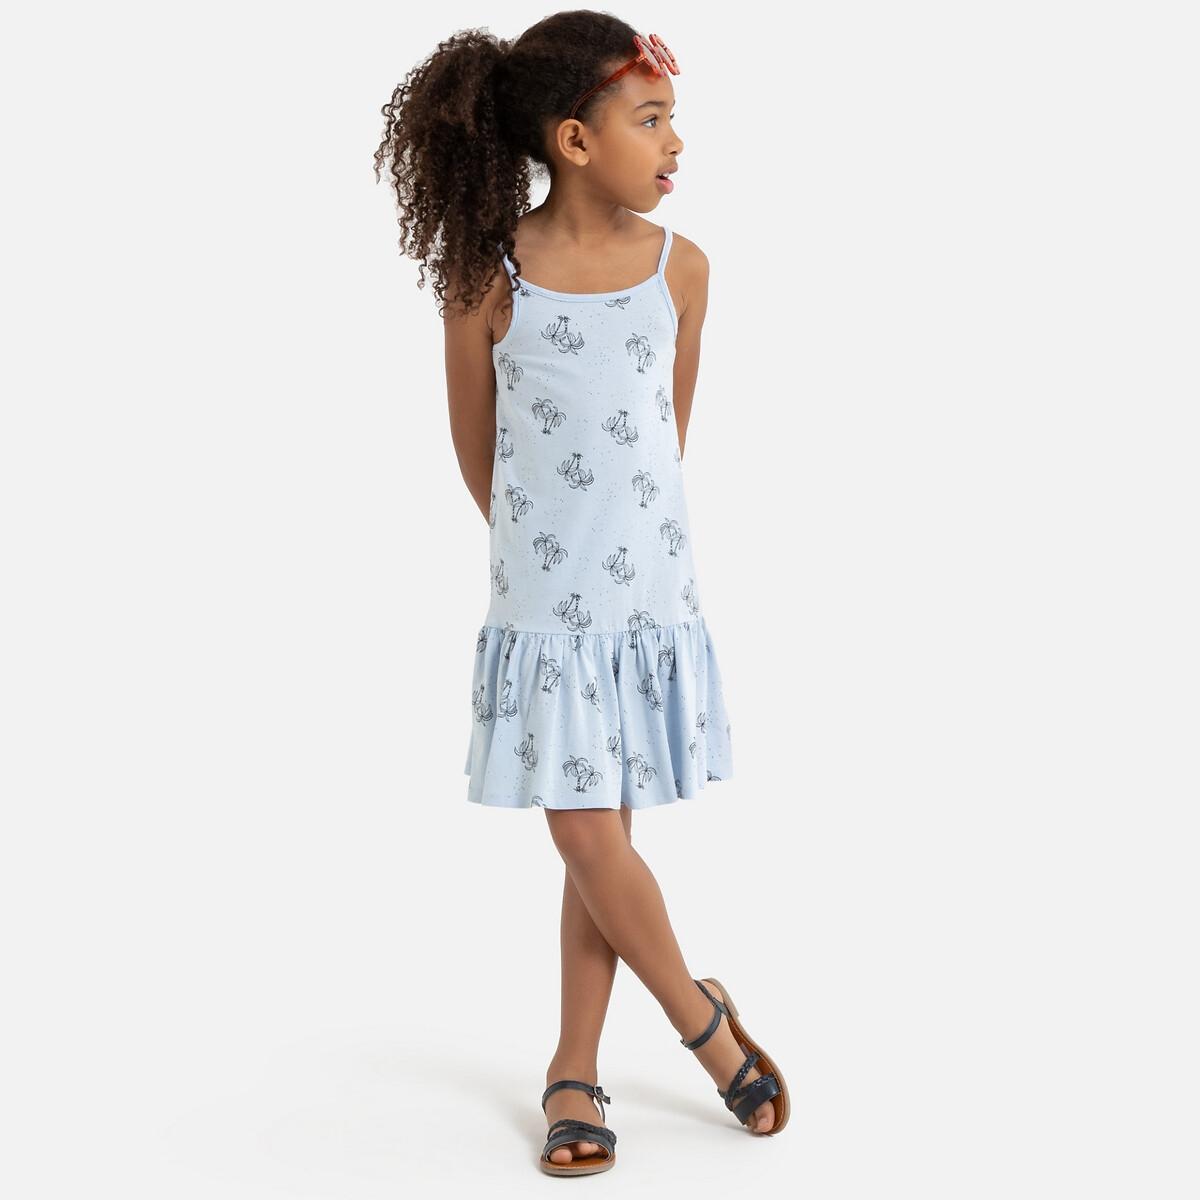 Платье La Redoute На тонких бретелях с принтом пальма 6 лет - 114 см синий полосатые la redoute шорты от до лет 6 лет 114 см синий